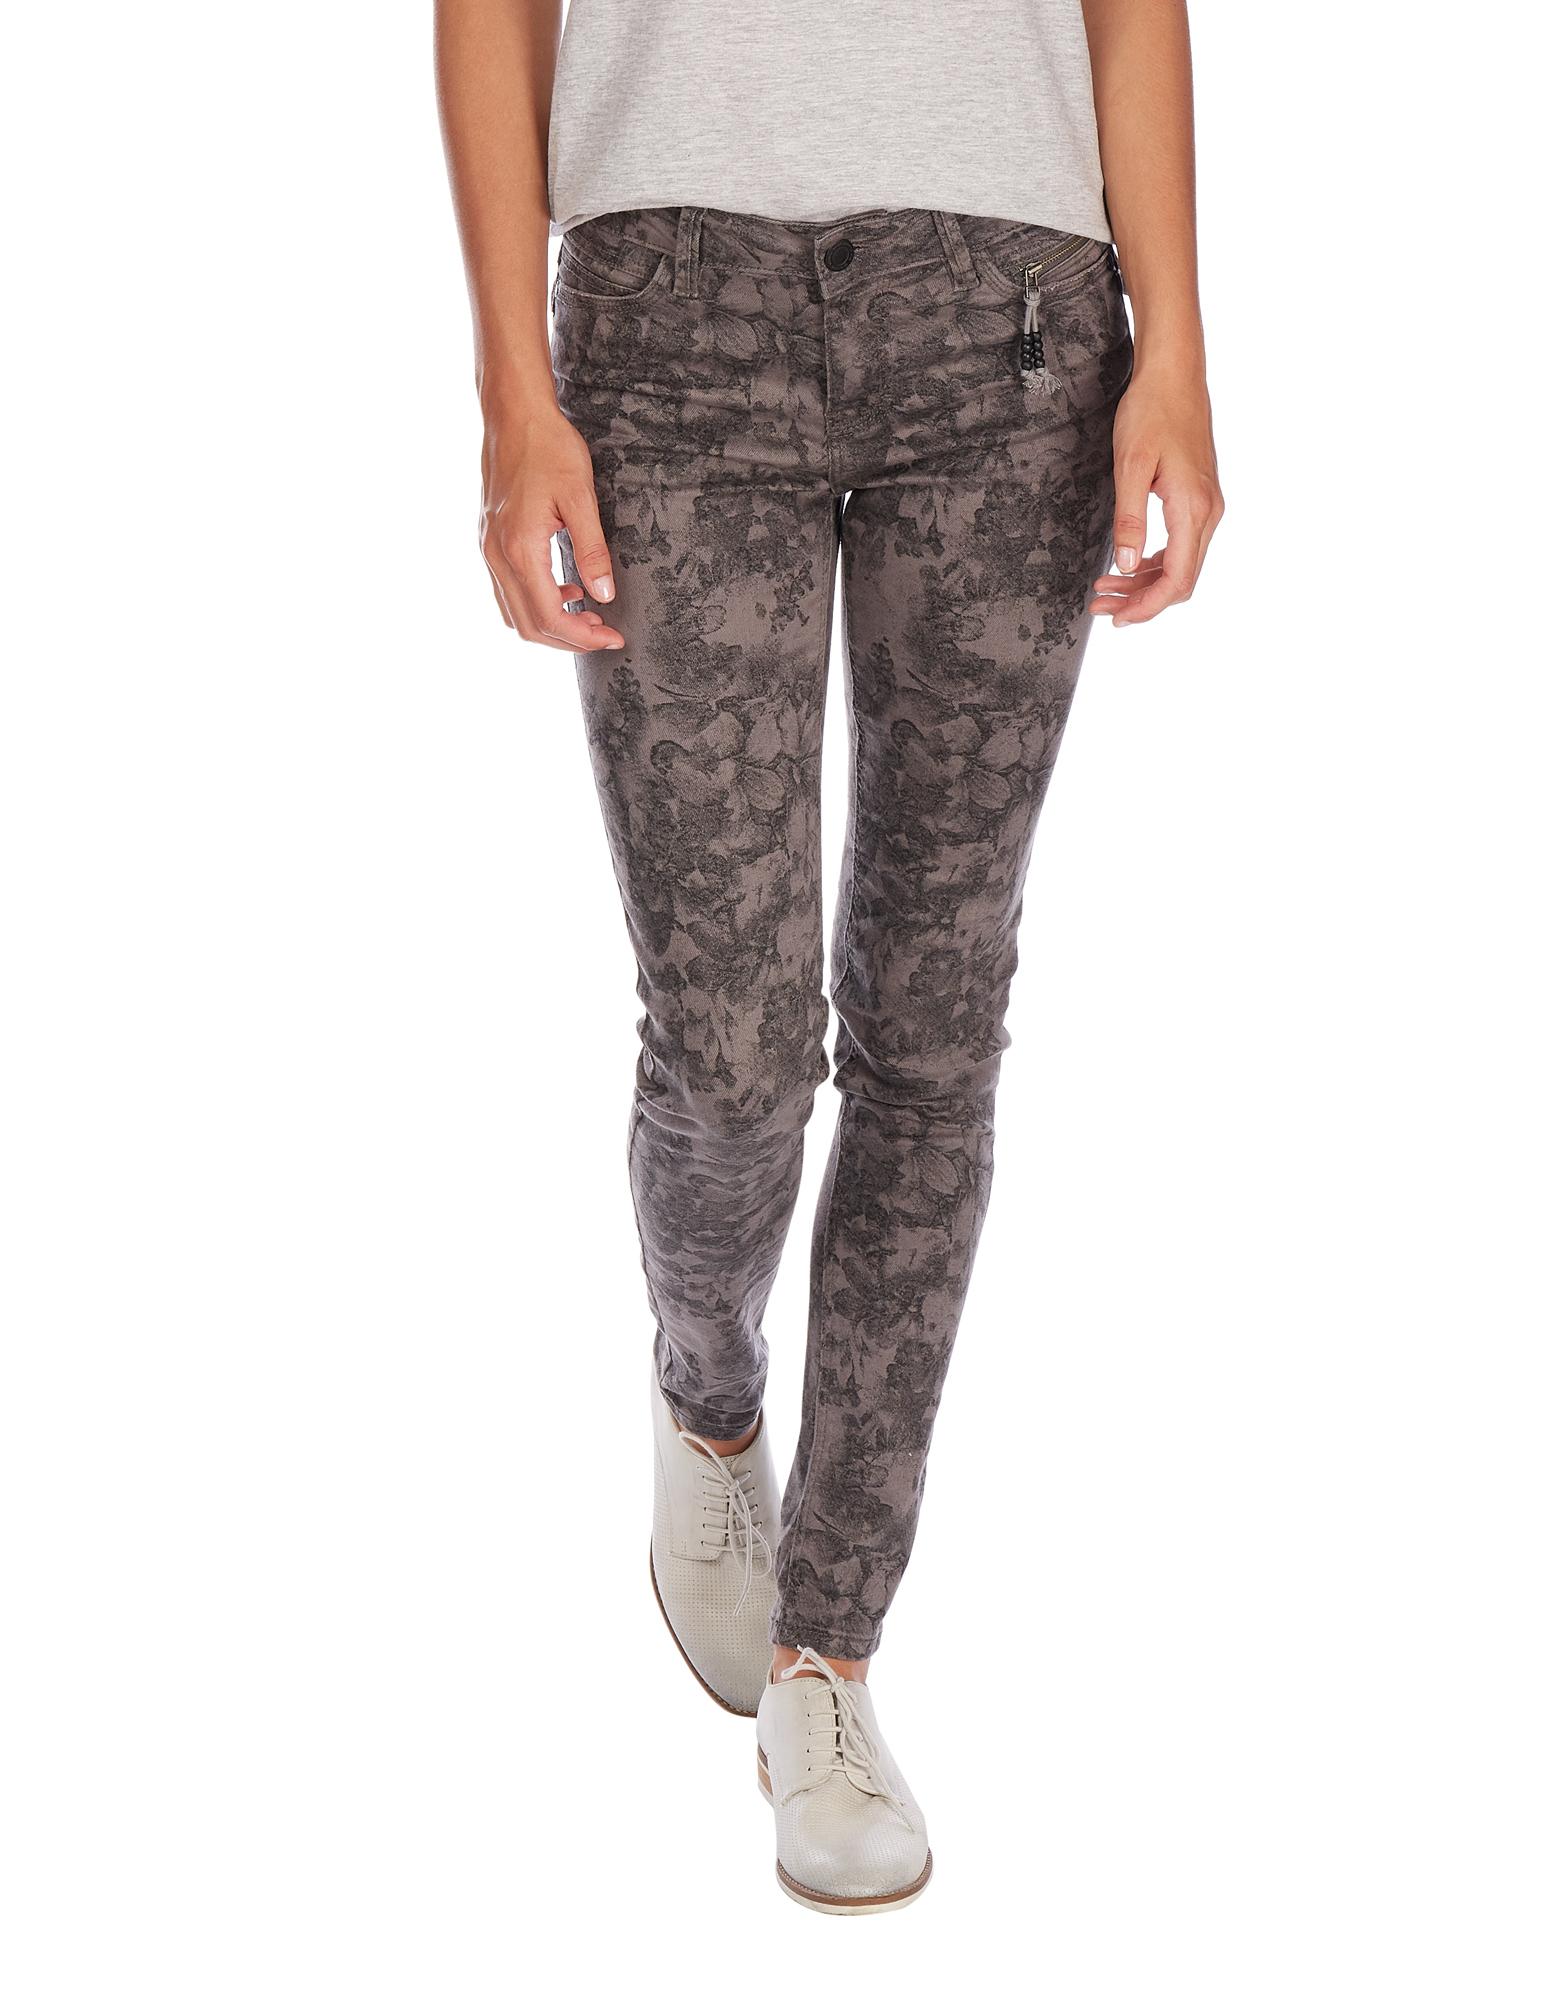 damen slim fit 5 pocket jeans mit floralem muster - Jeans Mit Muster